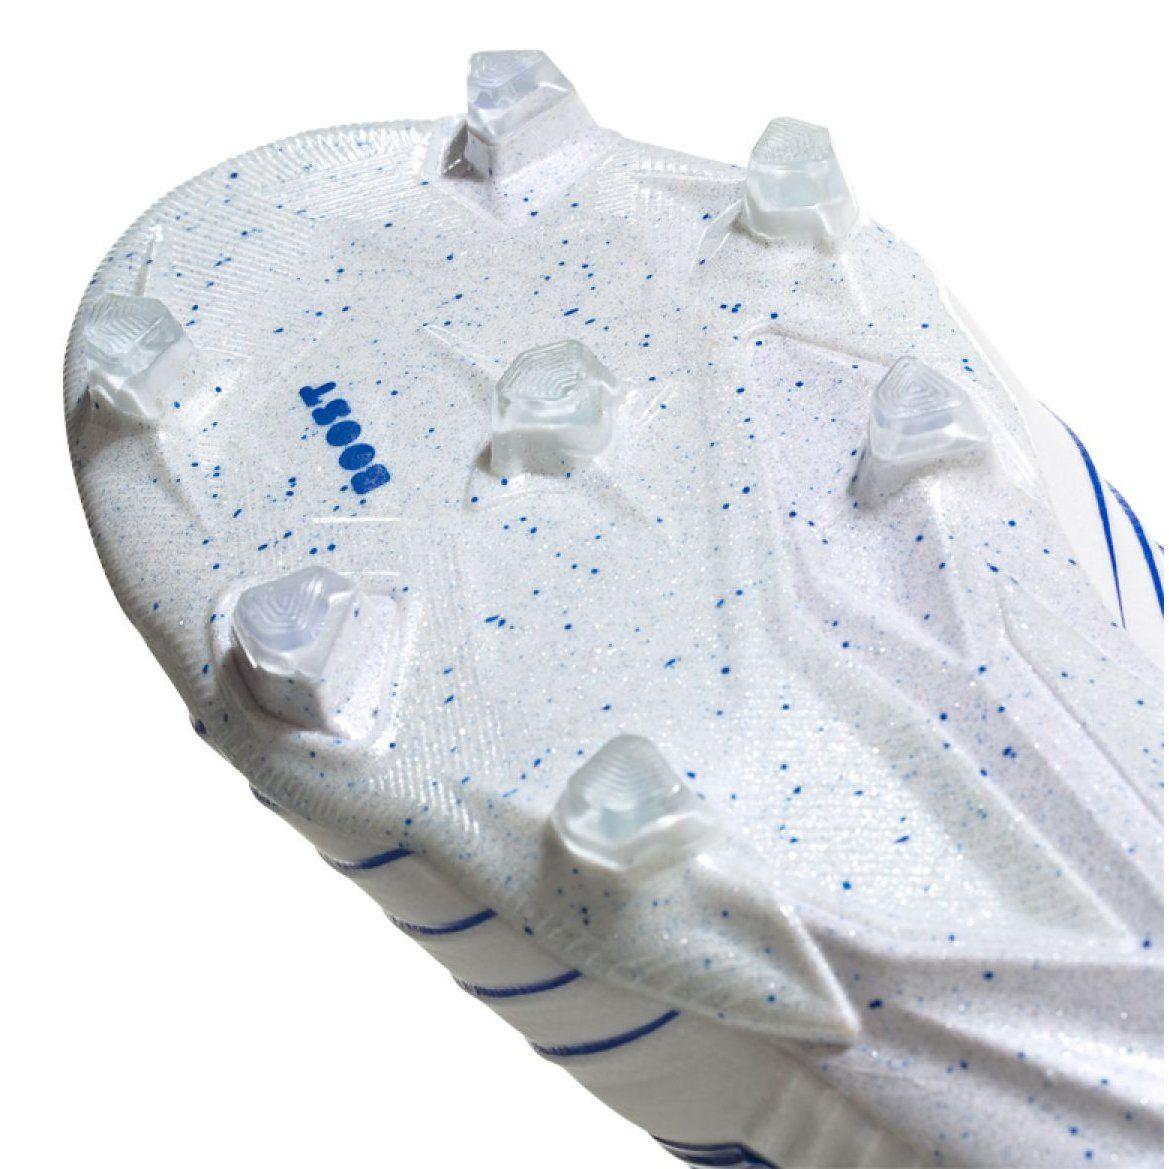 Korki Pilka Nozna Sport Adidas Buty Pilkarskie Adidas Predator 19 Fg M Bc0548 Adidas Predator Predator Adidas